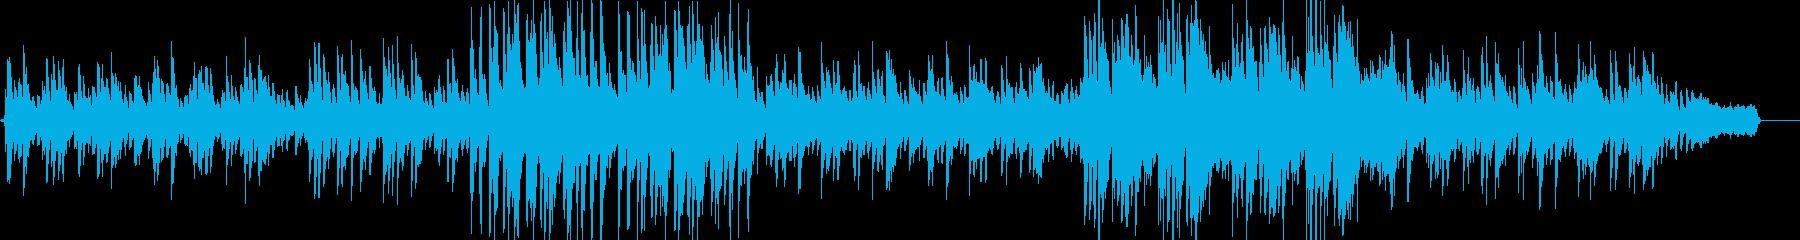 ピアノとストリングスによる優しいバラードの再生済みの波形